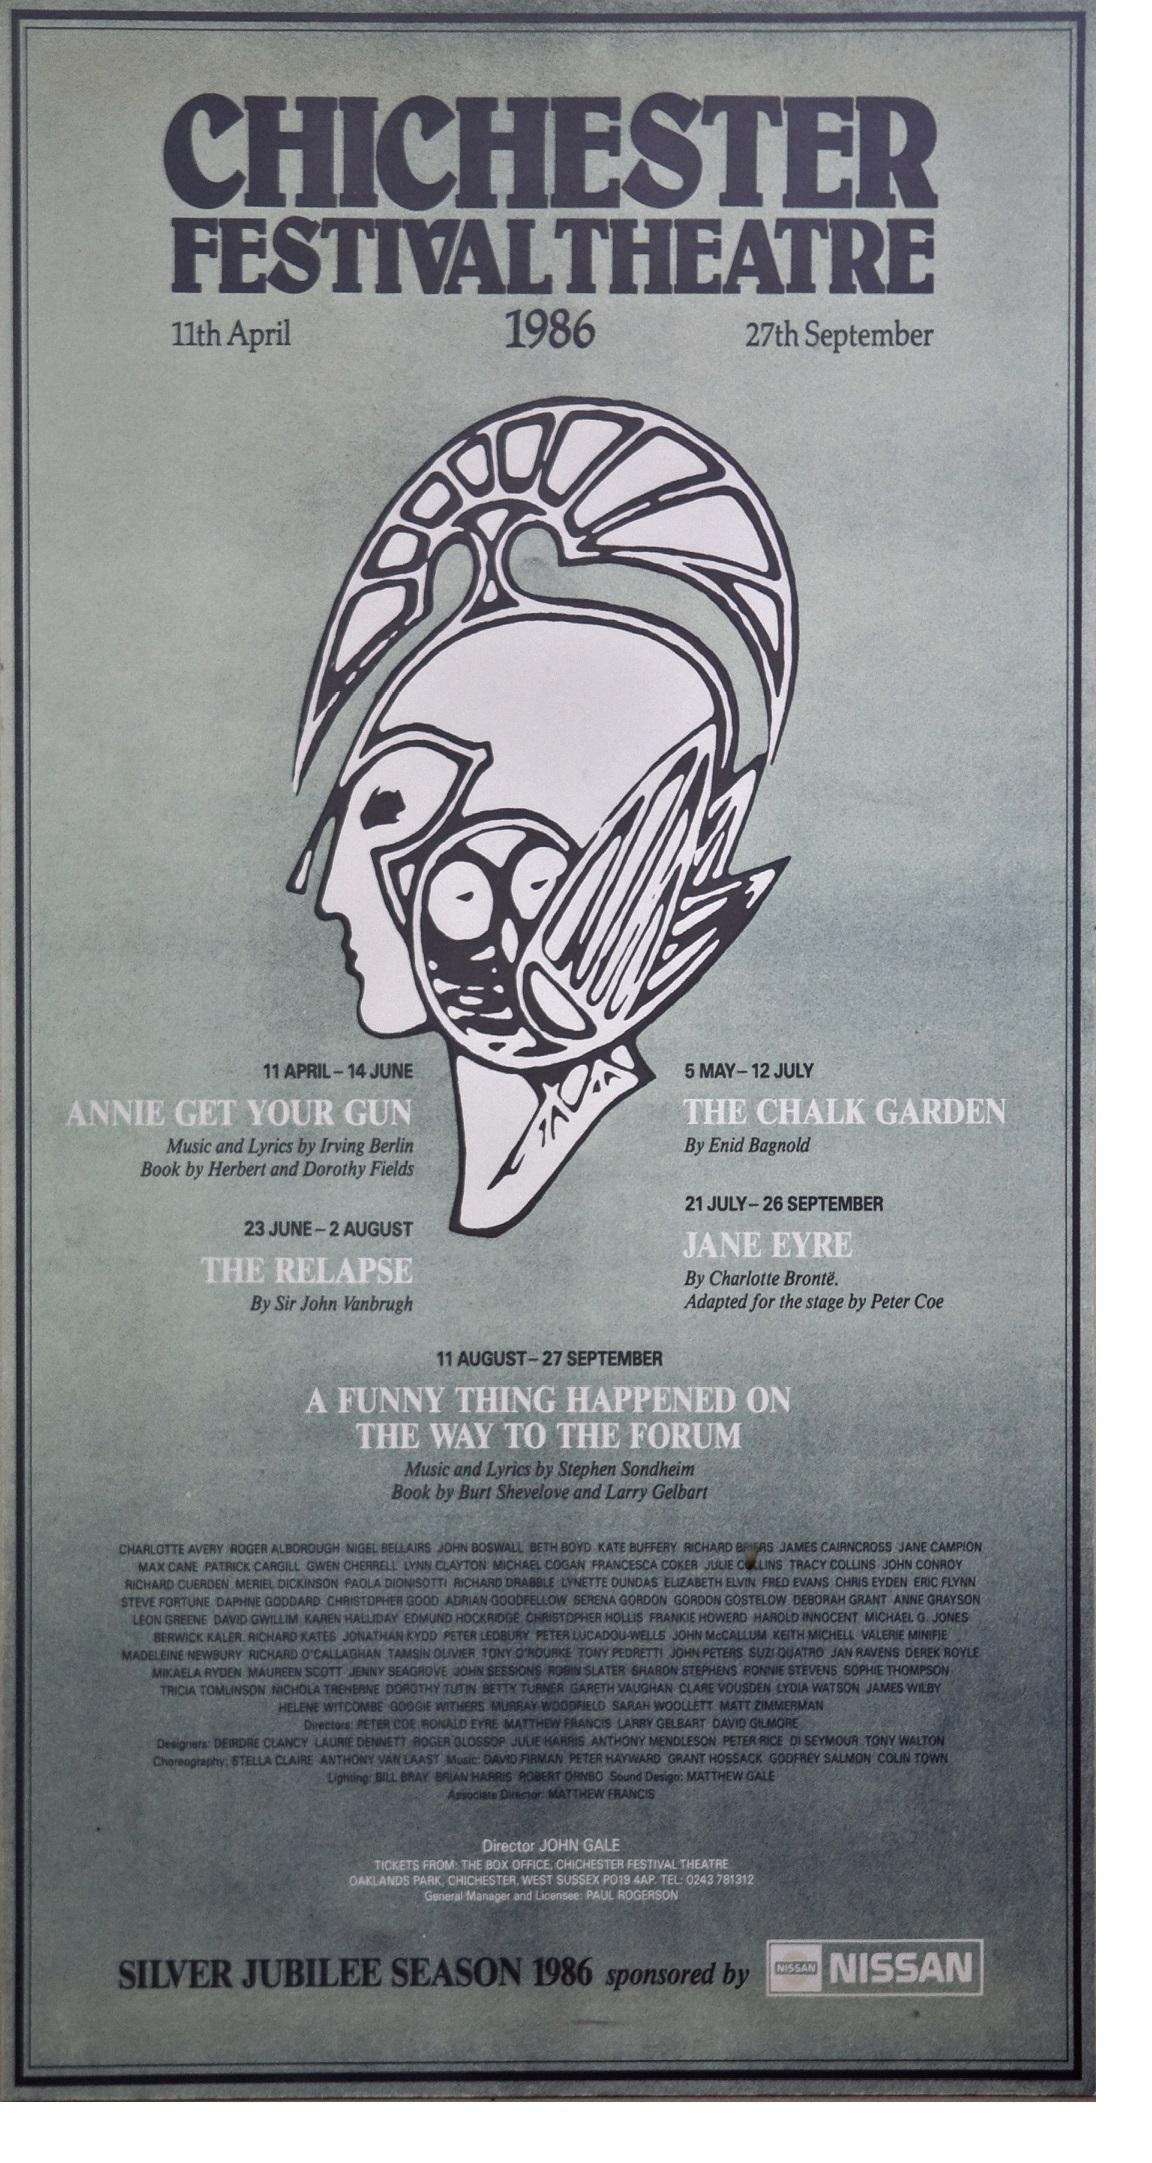 CFT1986 Season Poster